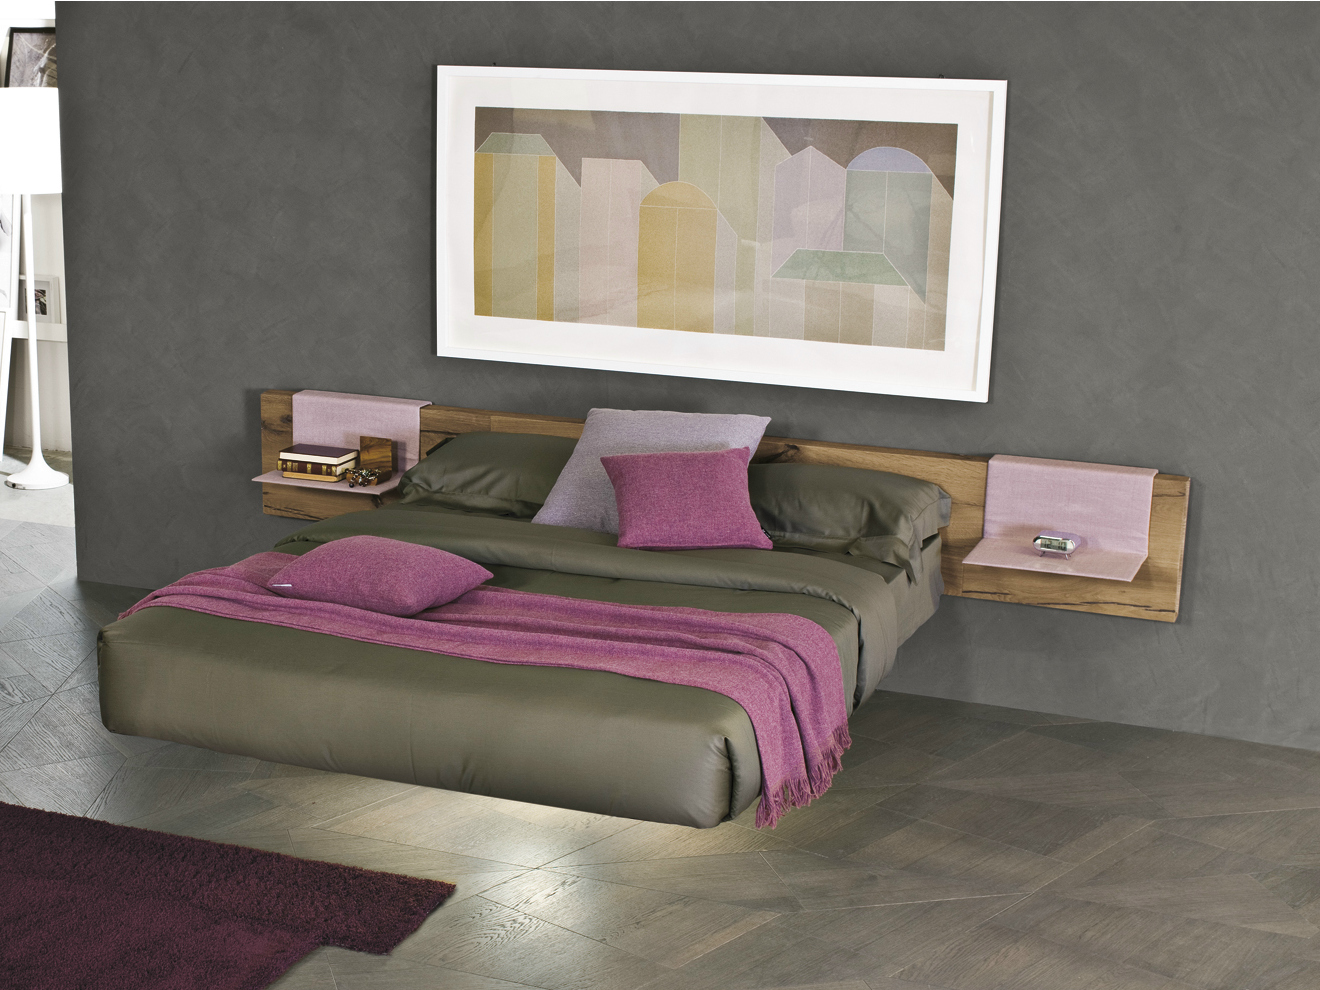 Letto matrimoniale in legno fluttua wilwood by lago design - Lago letto fluttua ...